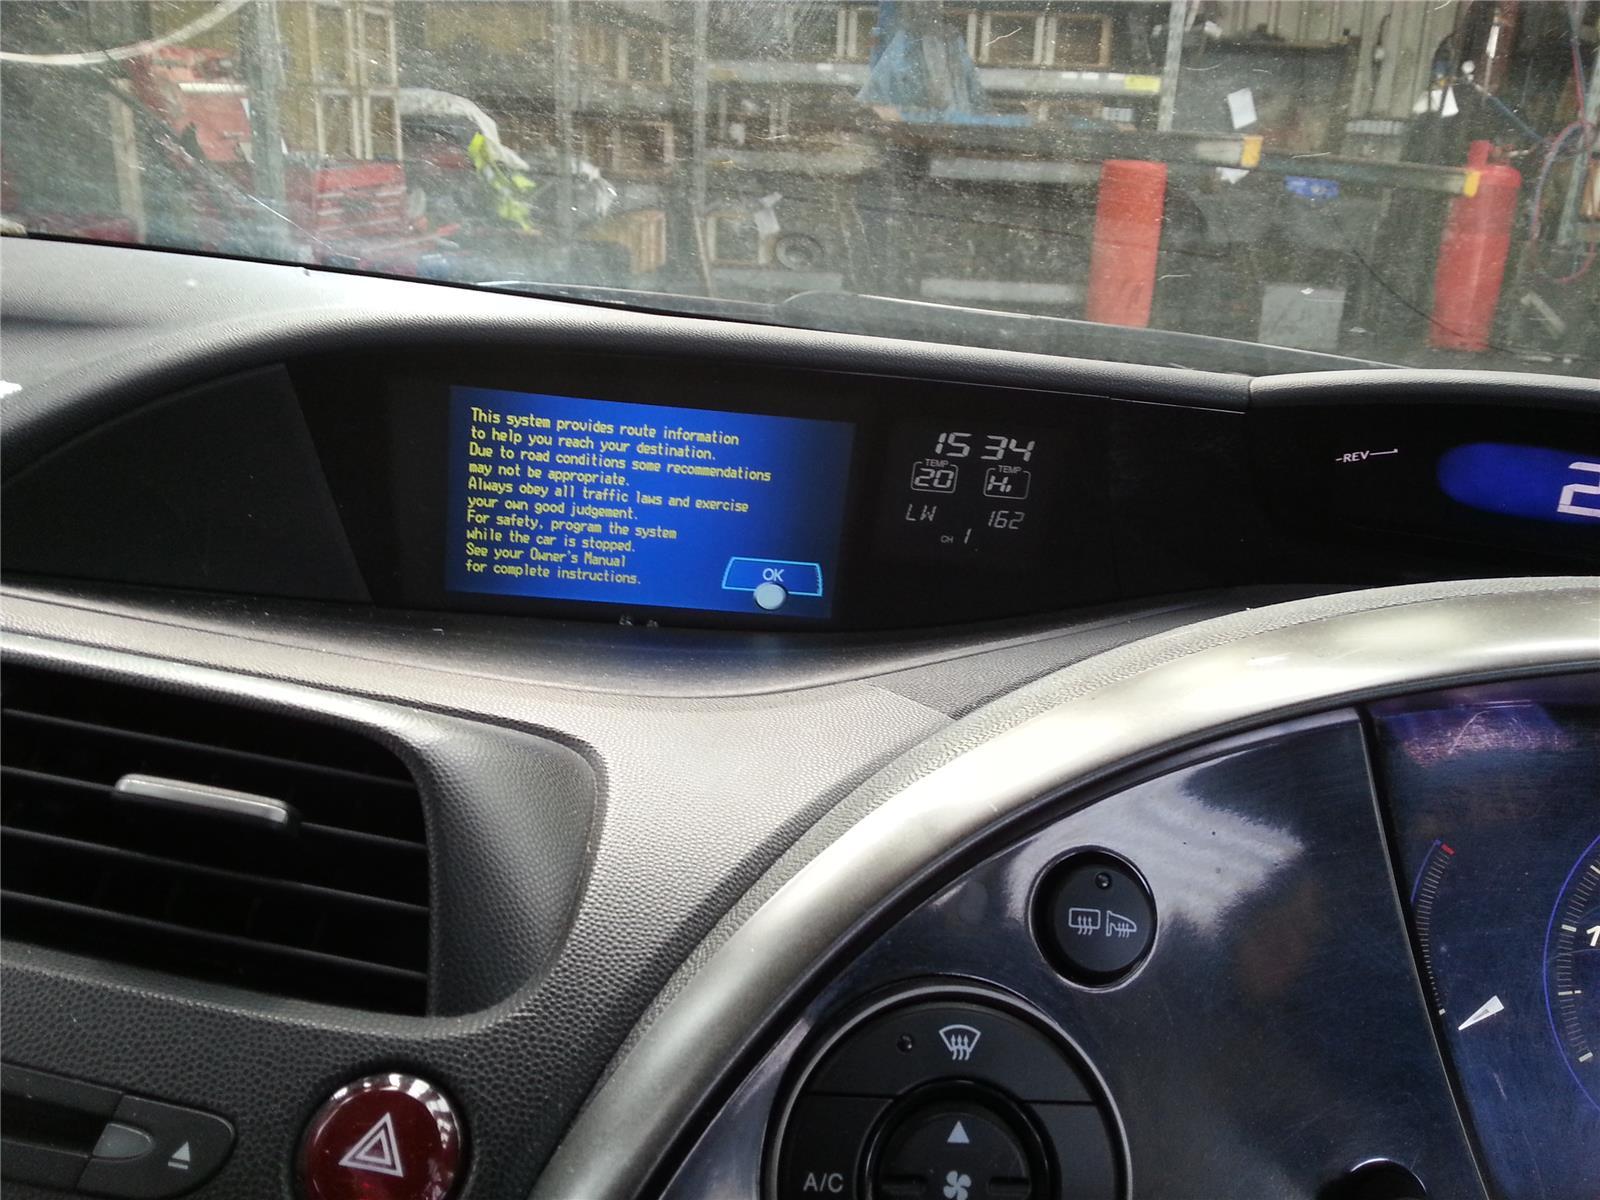 2006 honda civic 2006 to 2010 5 door hatchback (diesel / manual